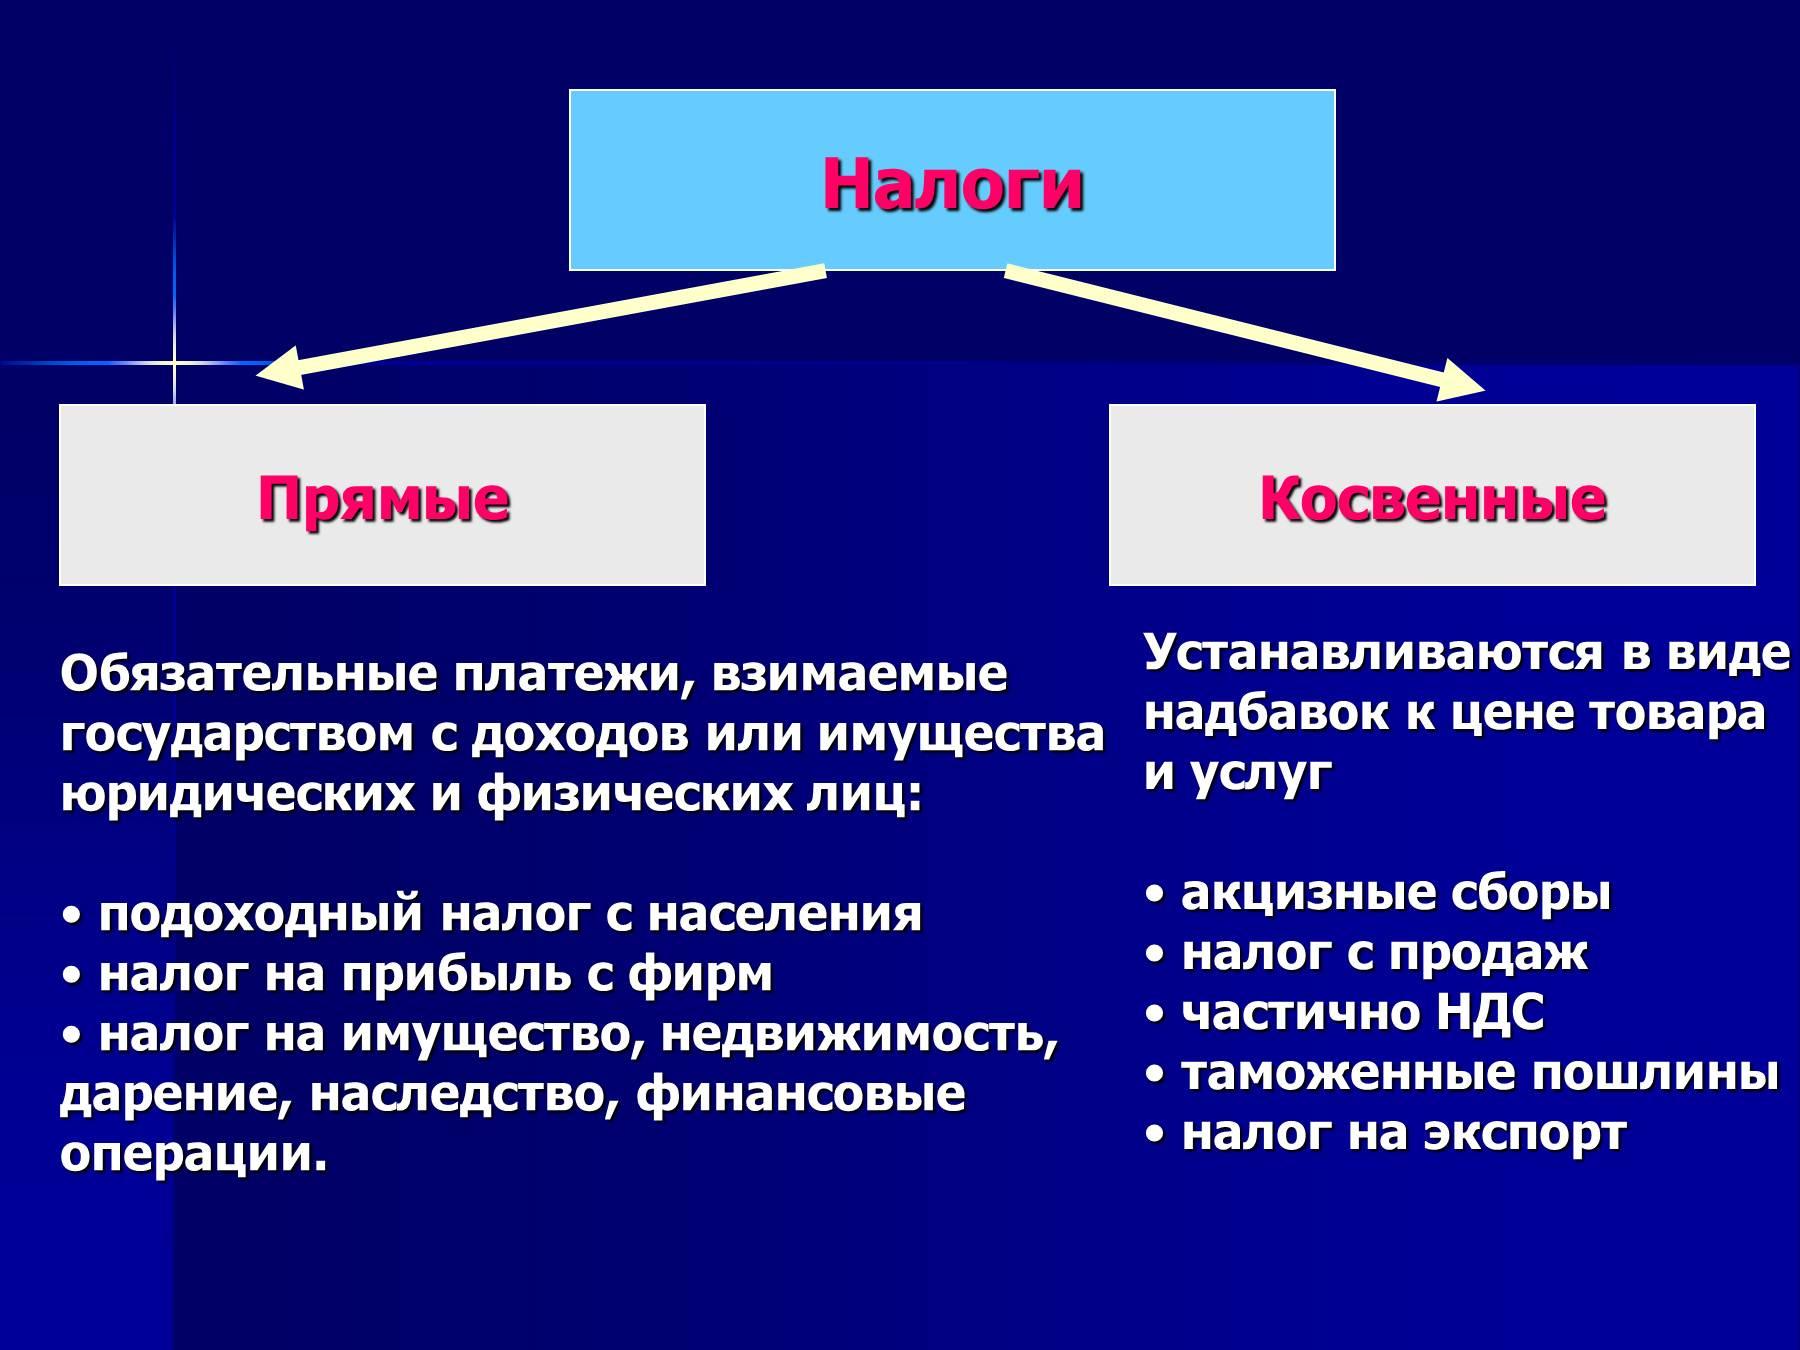 Налог на прибыль прямой пенсионный фонд россии кбк на 2017 год